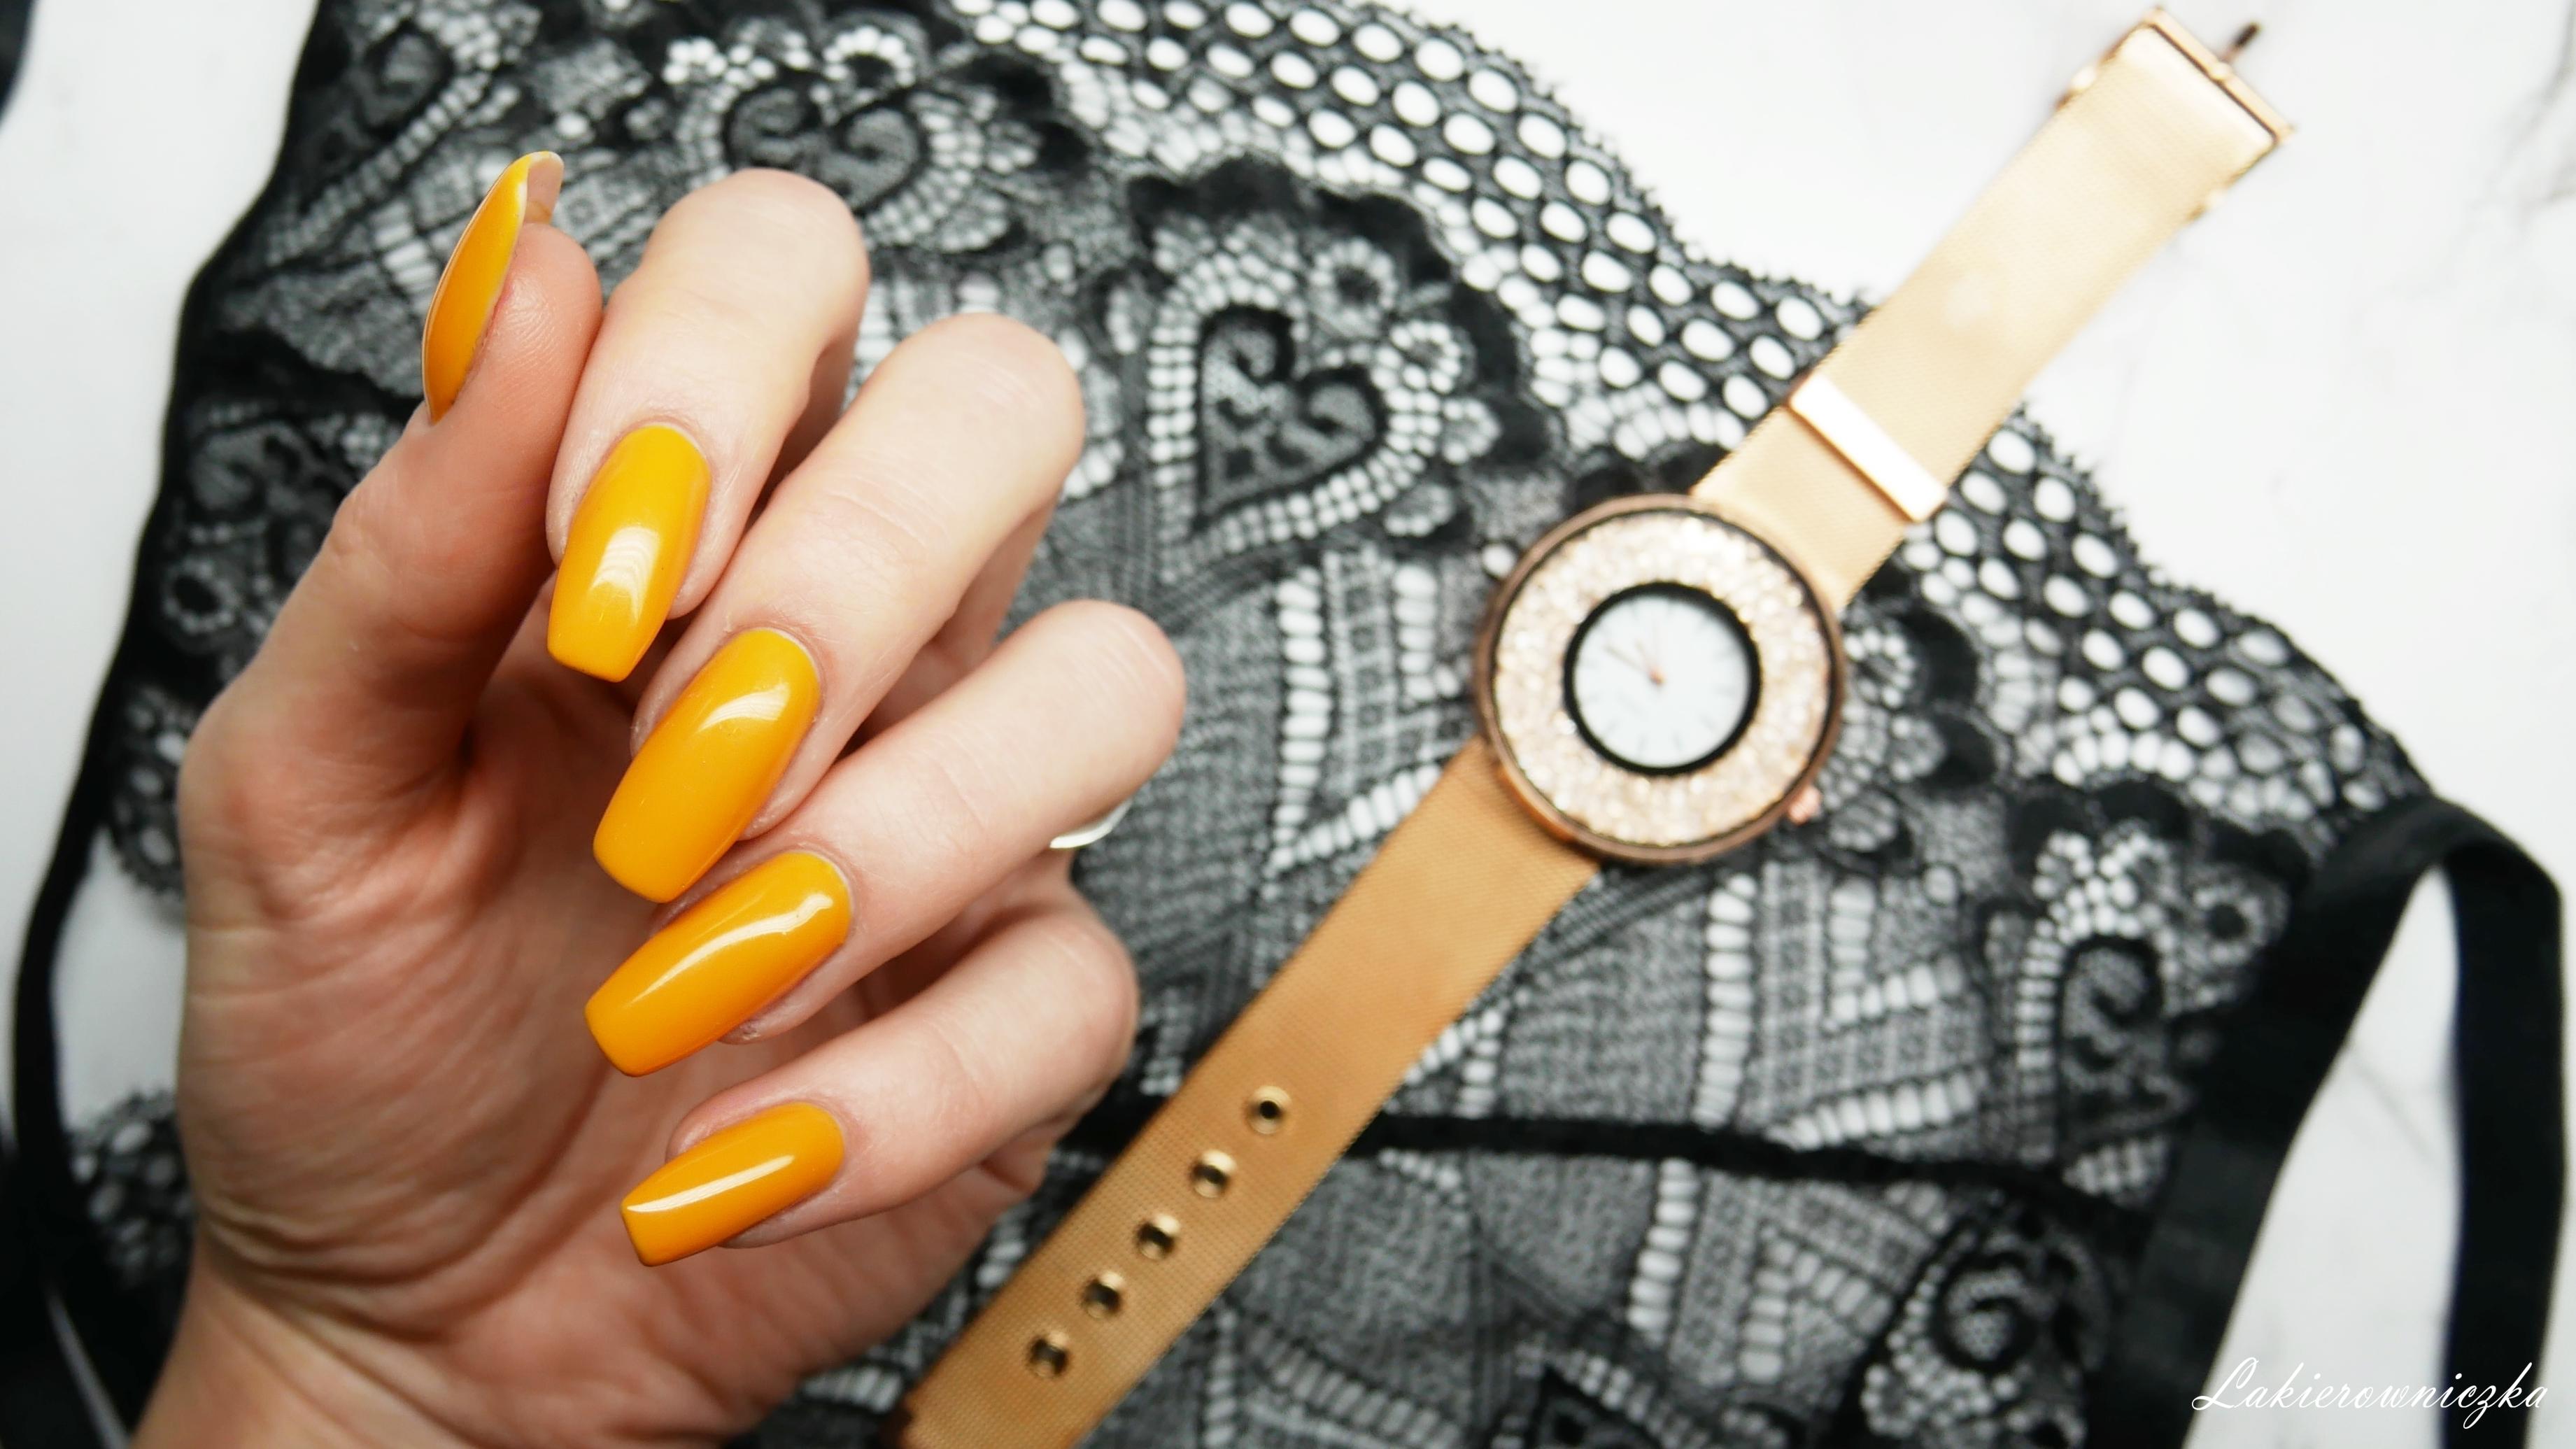 musztardowe-paznokcie-na-wiosne-hybrydy-Constance-carroll-128-Lakierowniczka-nowosci-haul-Rosegal-zegarek-rosegold-watch-torebka-mala-czarna-koronkowy-top-musztardowe paznokcie